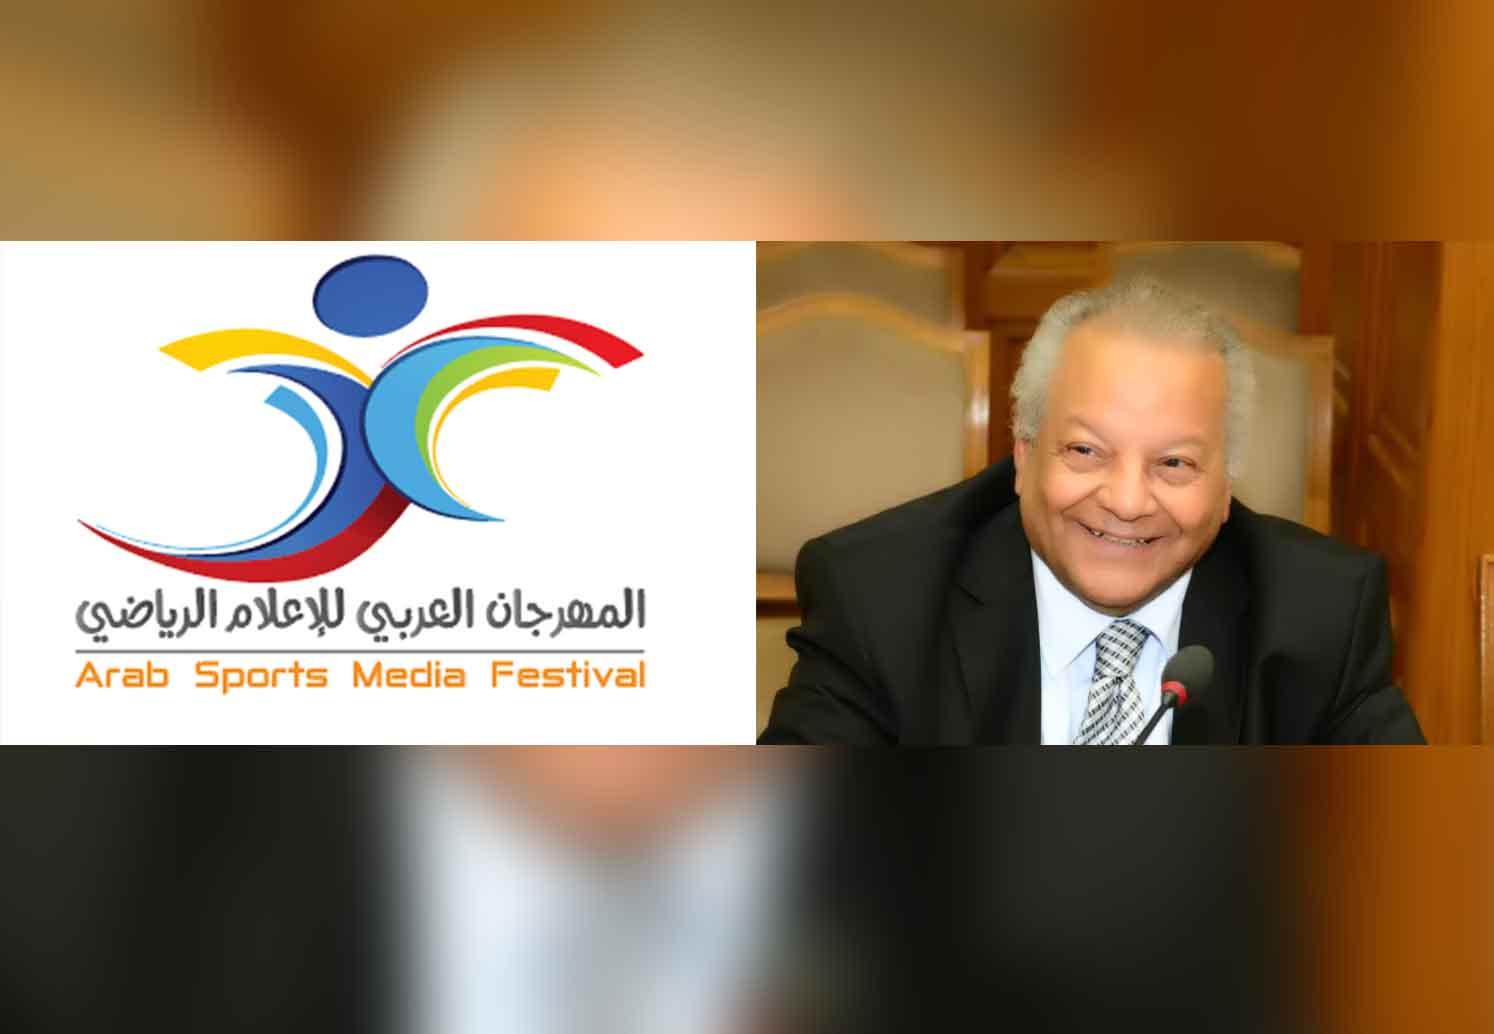 المهرجان العربي للاعلام الرياضي